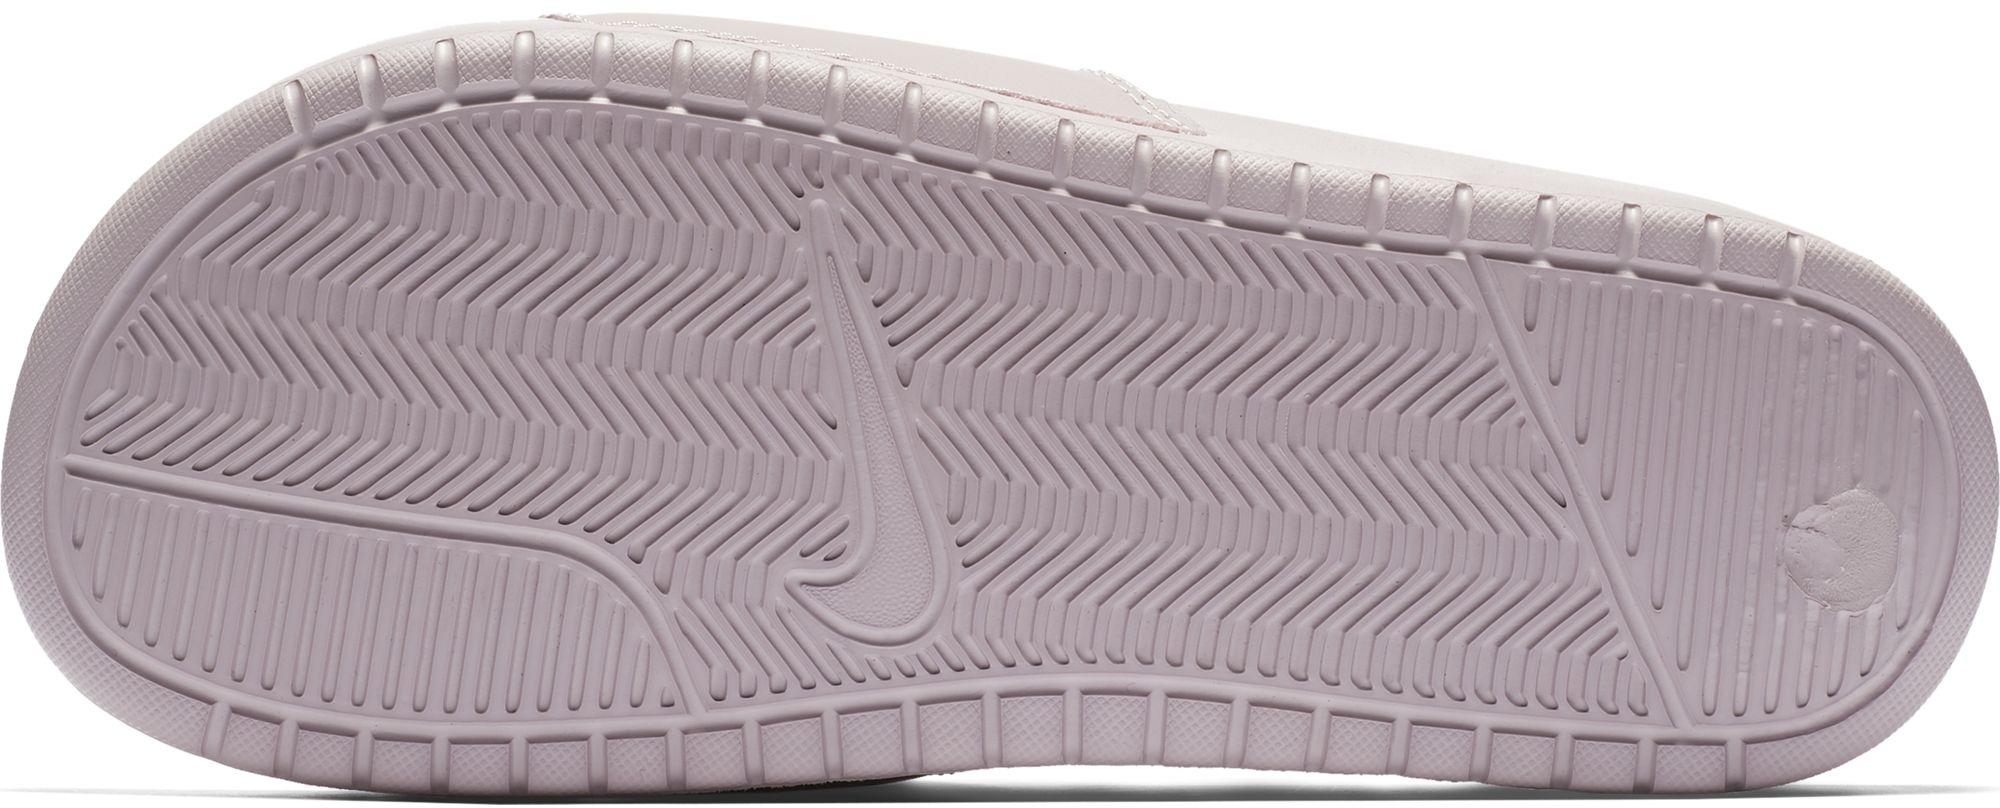 9b5cdd5c84 Nike BENASSI JUST DO IT W. Dámské pantofle. Dámské pantofle. Dámské pantofle.  Dámské pantofle. Dámské pantofle